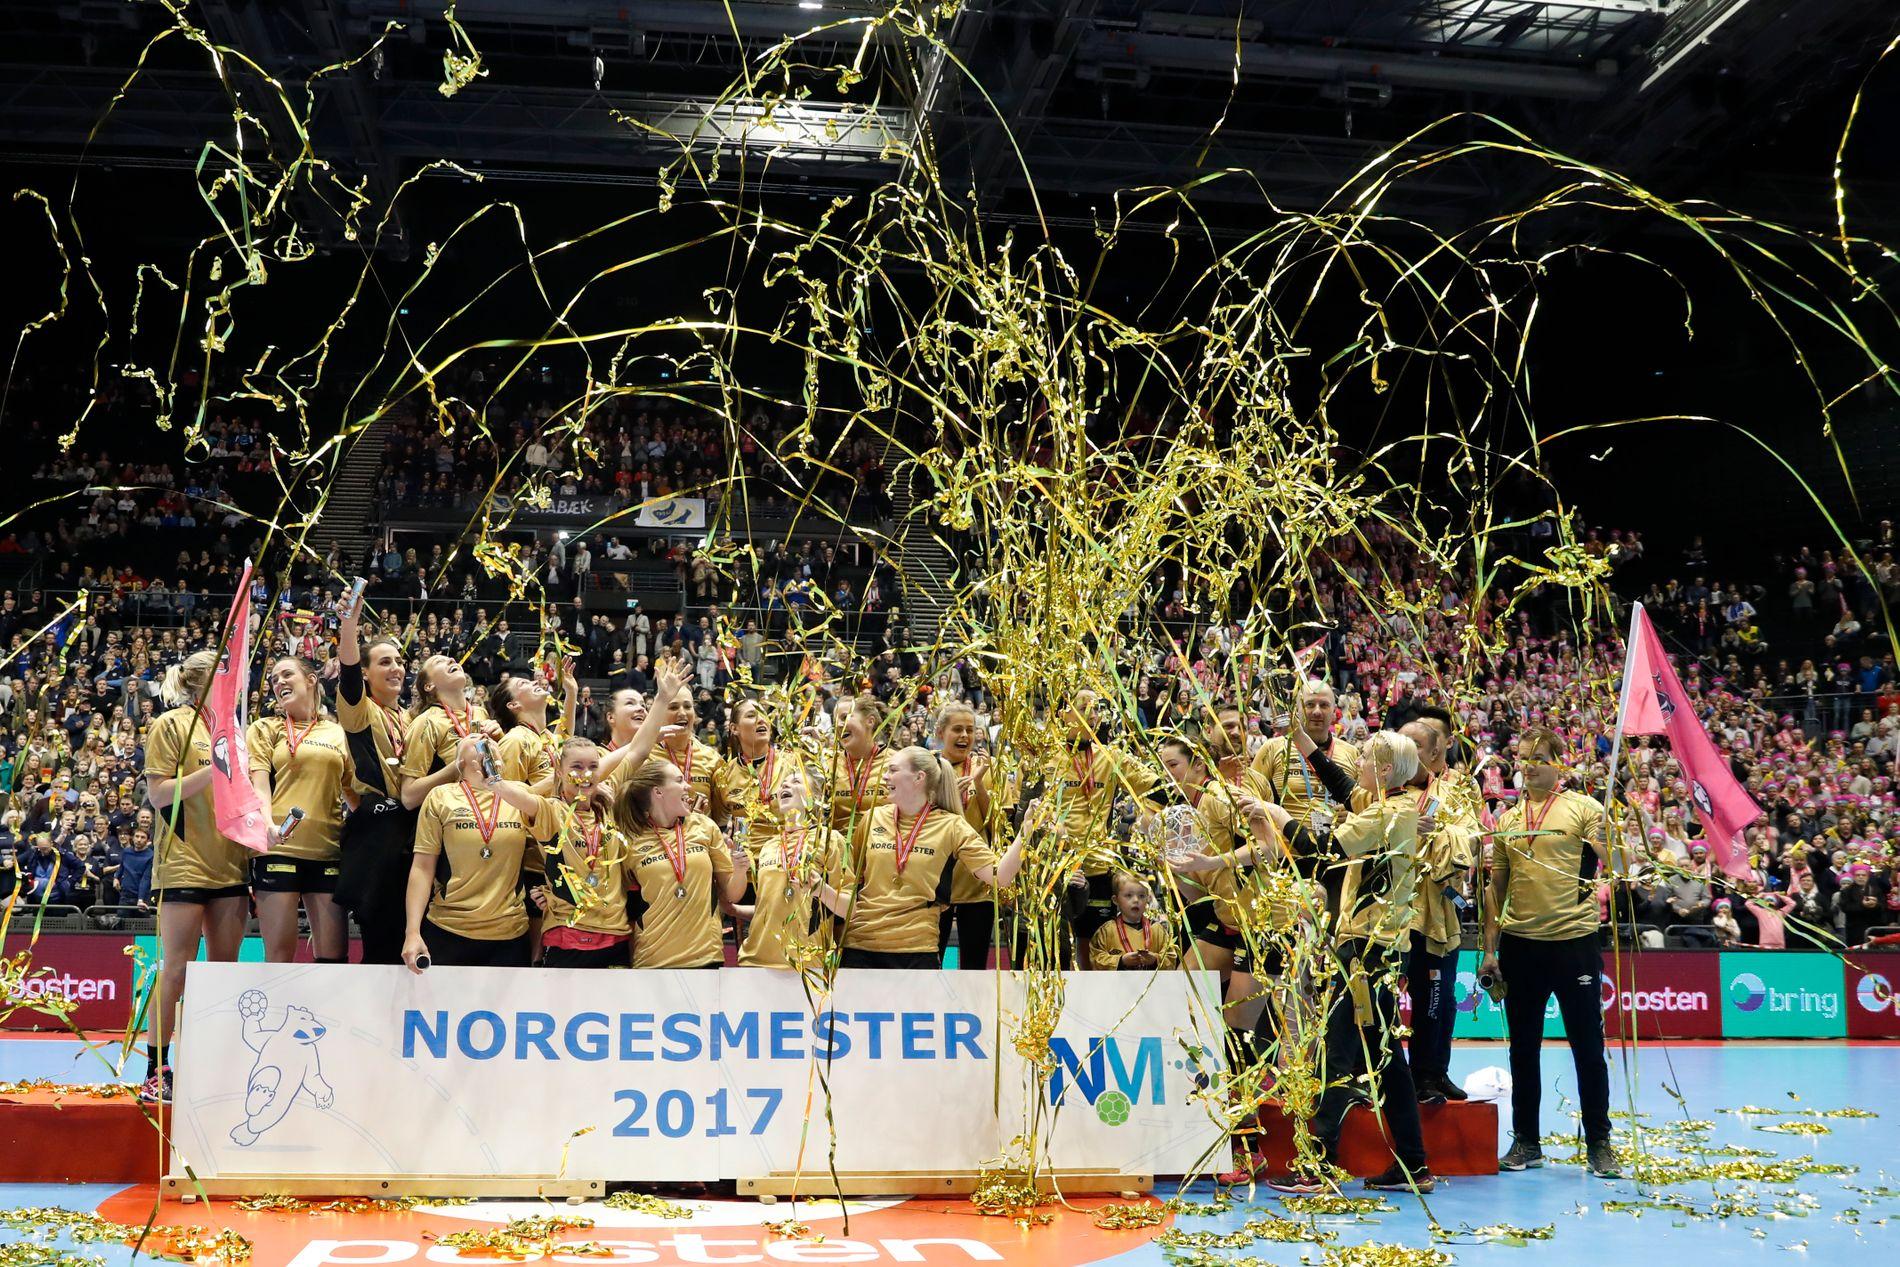 I sin andre NM-finale utklasset Vipers Stabæk med 30–17 i Oslo Spektrum i desember 2017 og erobret sin første tittel.